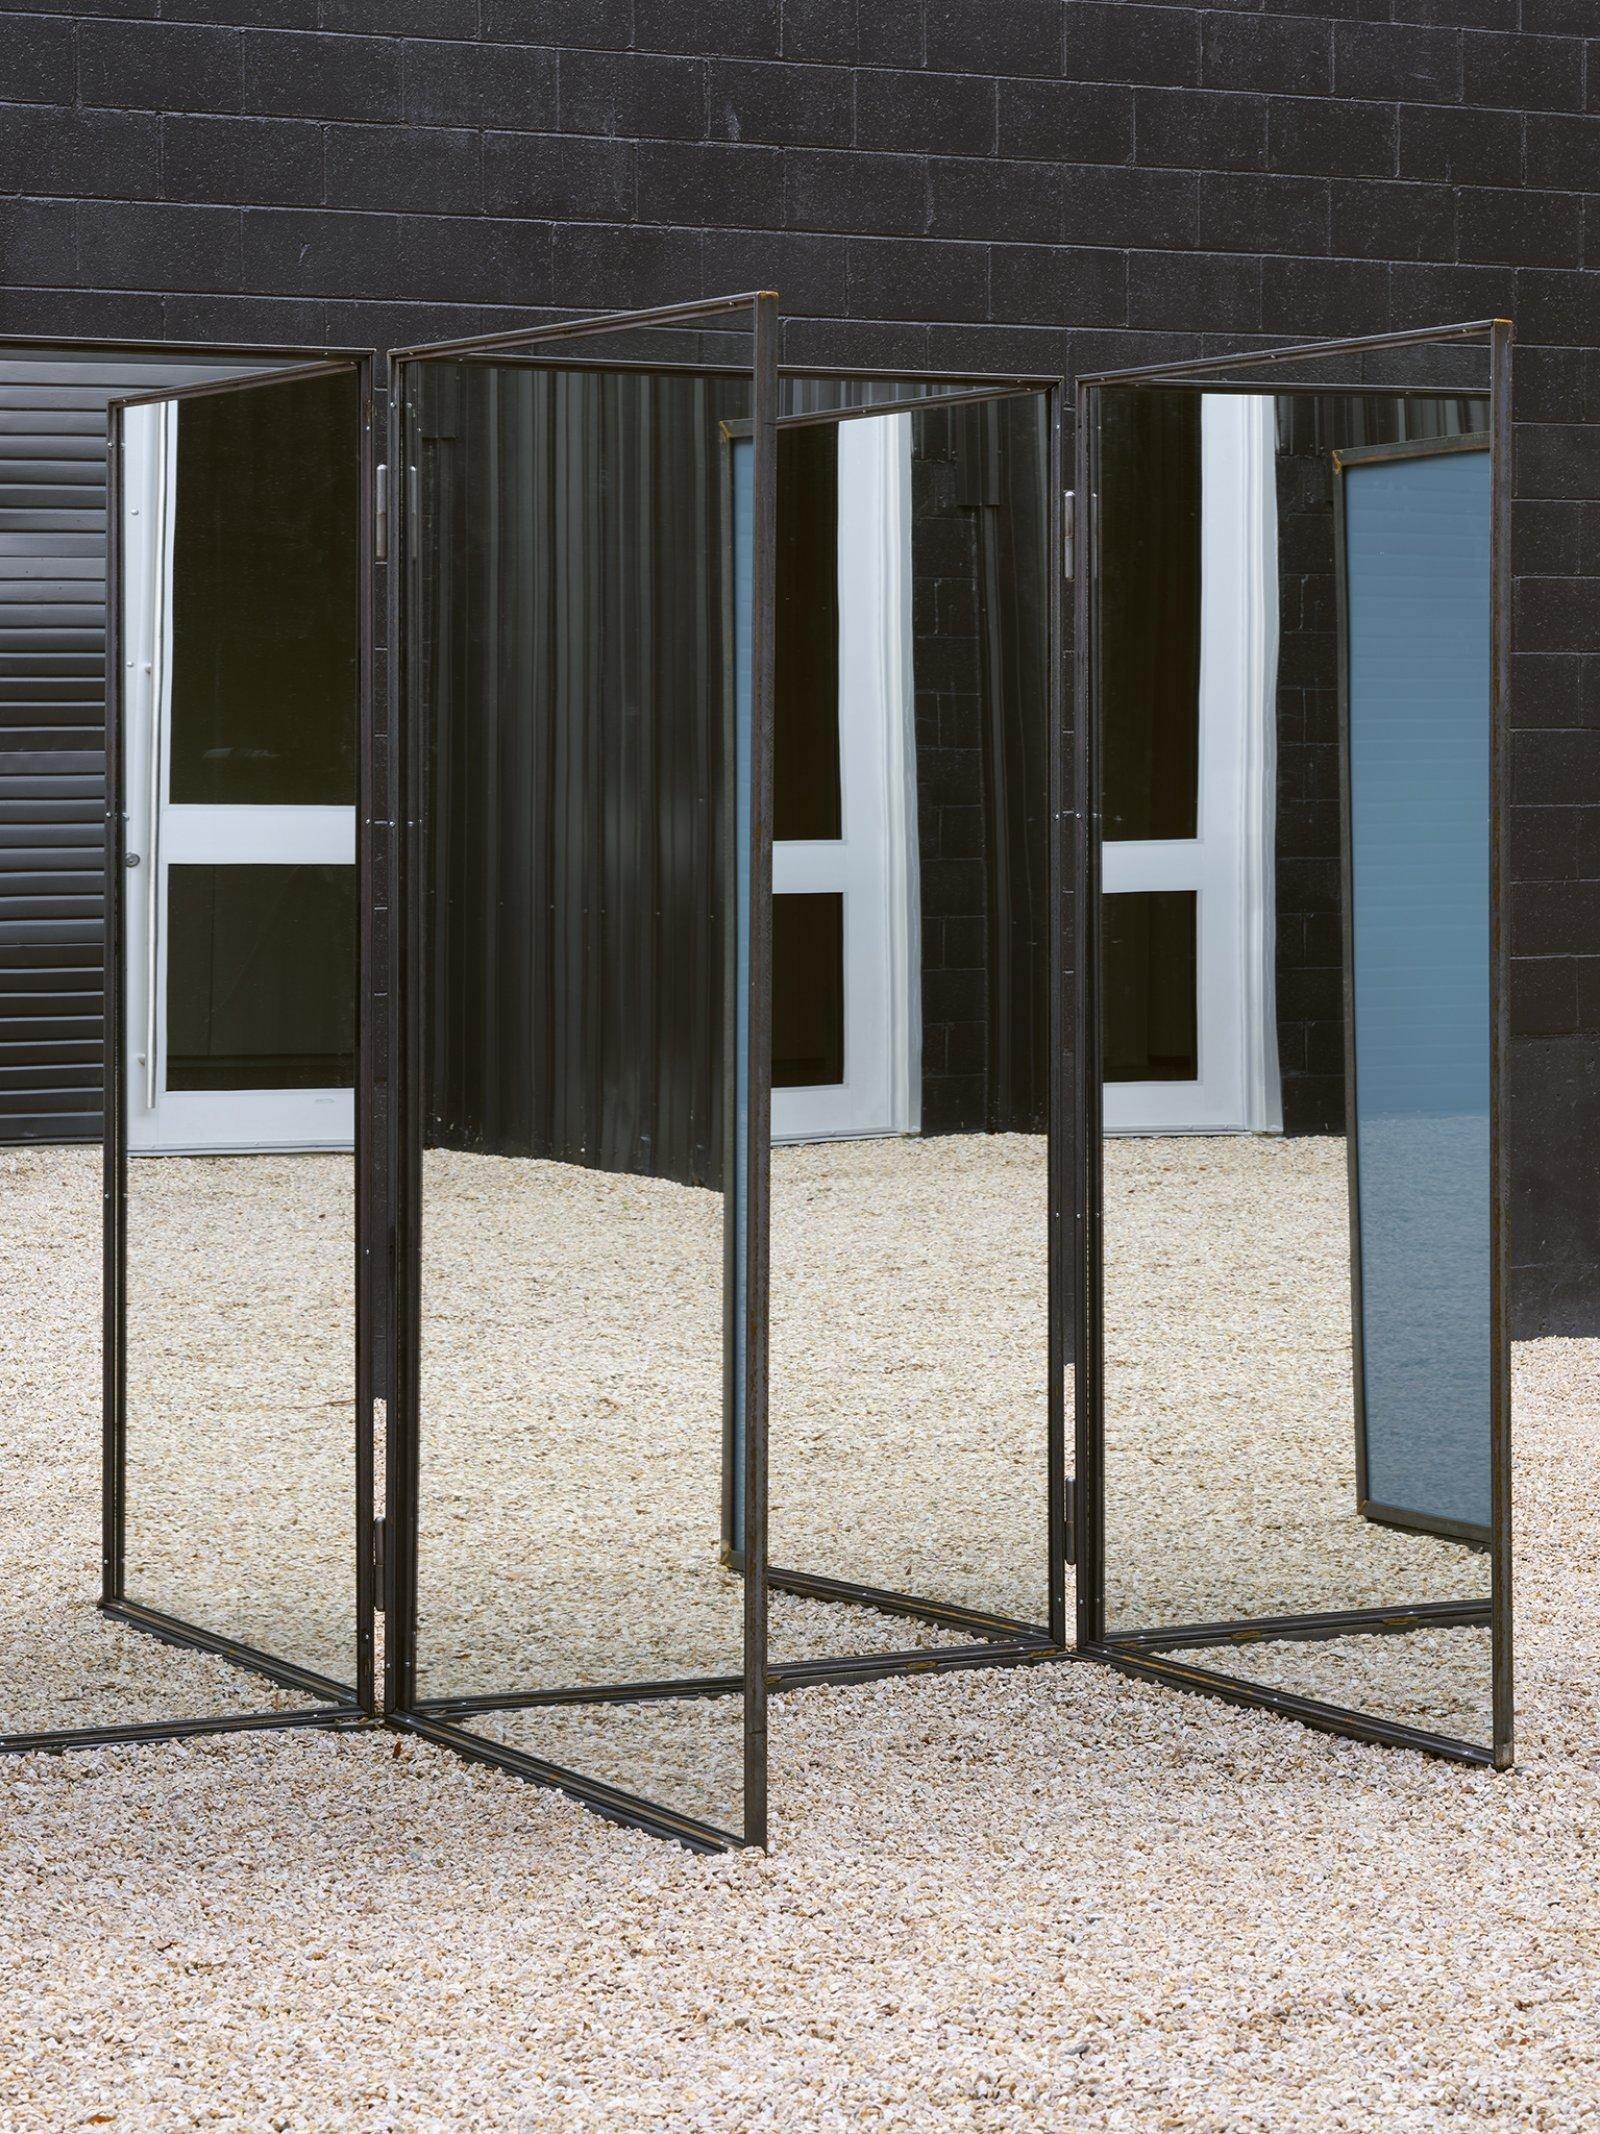 Abbas Akhavan, Trough (detail), 2019, steel, mirrors, 84 x 150 x 48 in. (213 x 380 x 122 cm) by Abbas Akhavan